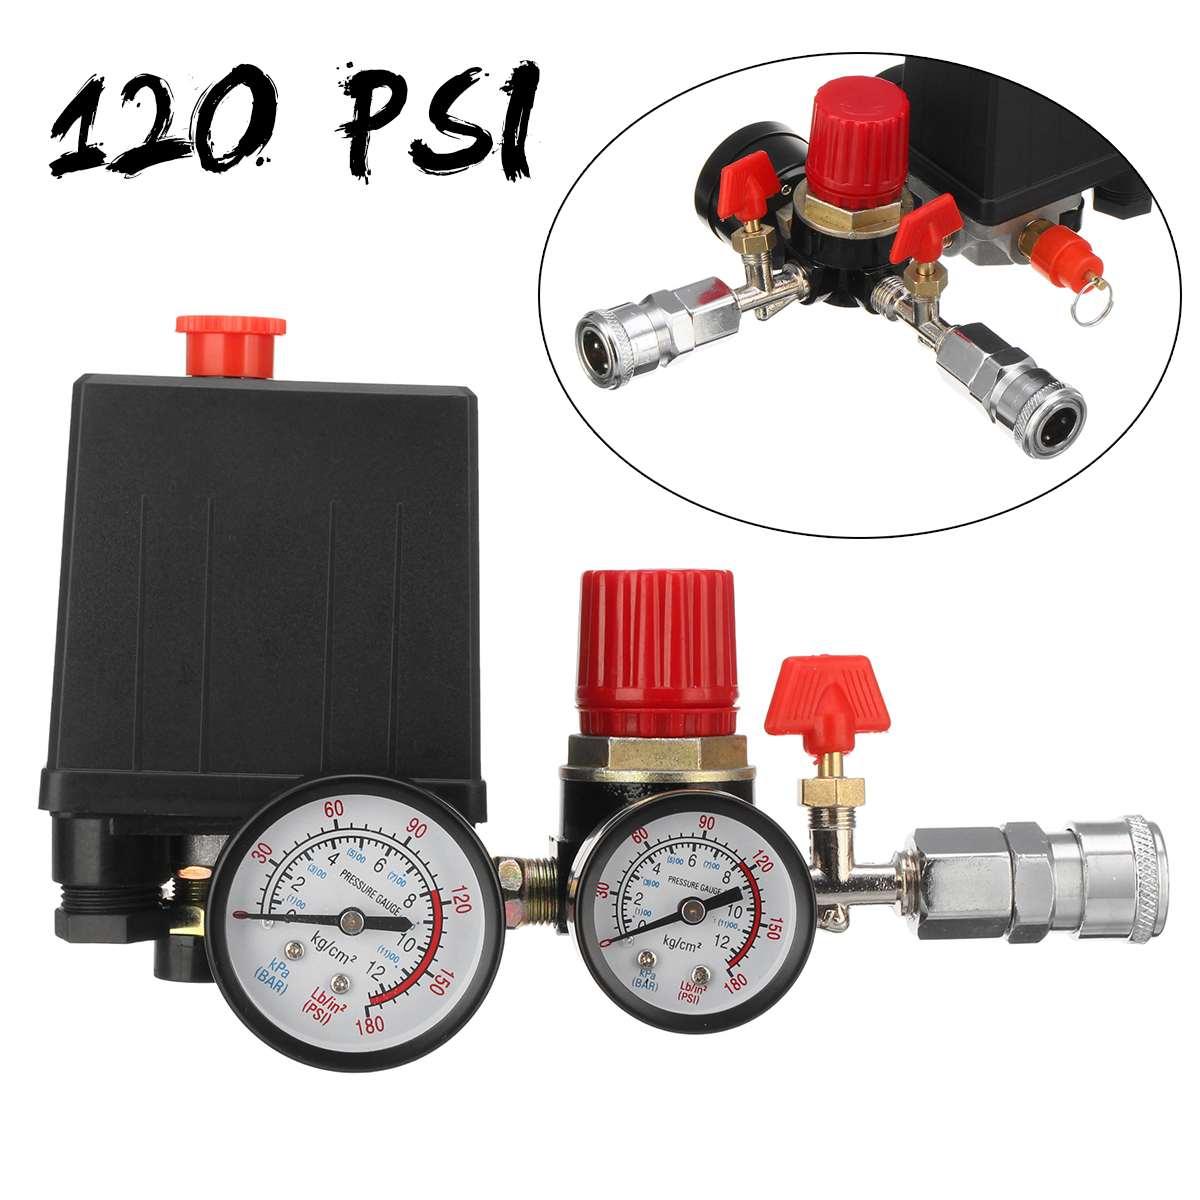 240V AC Regulator Air Compressor Pump Pressure Control Switch Air Pump Control Valve Regulator With Gauge Quick Connector